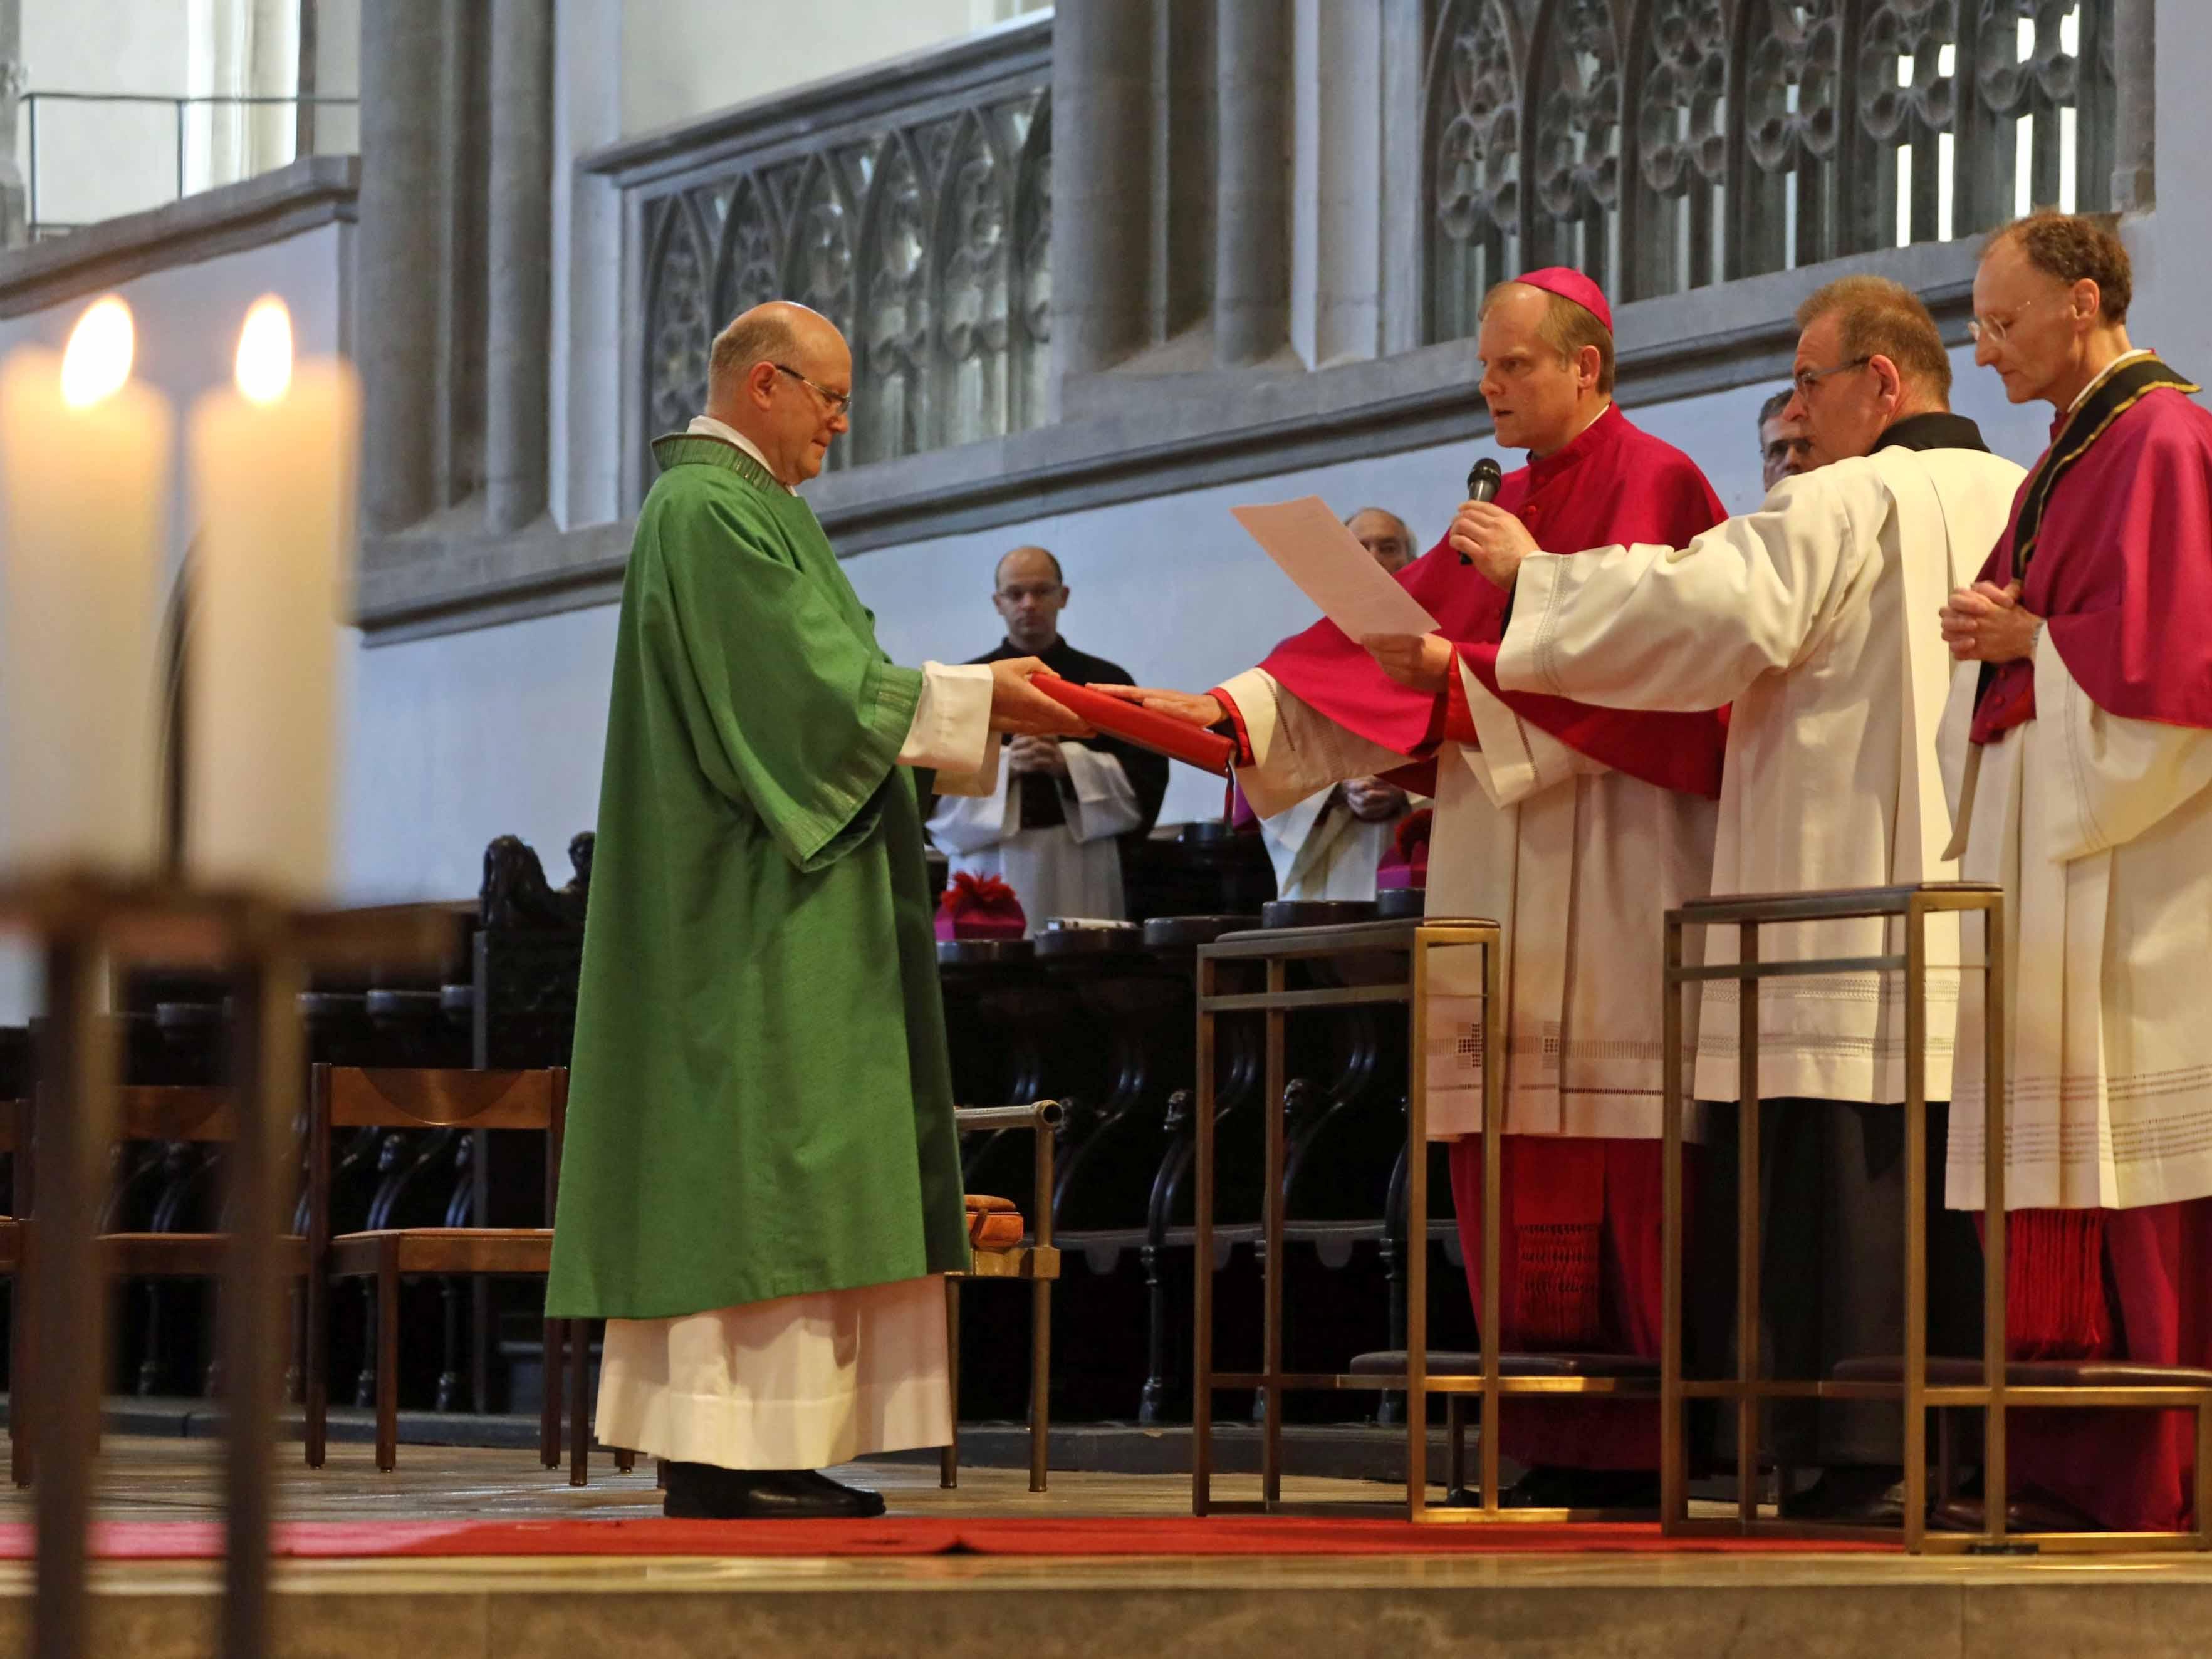 Weihbischof Florian Wörner beim Ablegen des Treueids zusammen mit (rechts) Domdekan Msgr. Dr. Wolfgang Hacker (Foto: Annette Zoepf/pba)